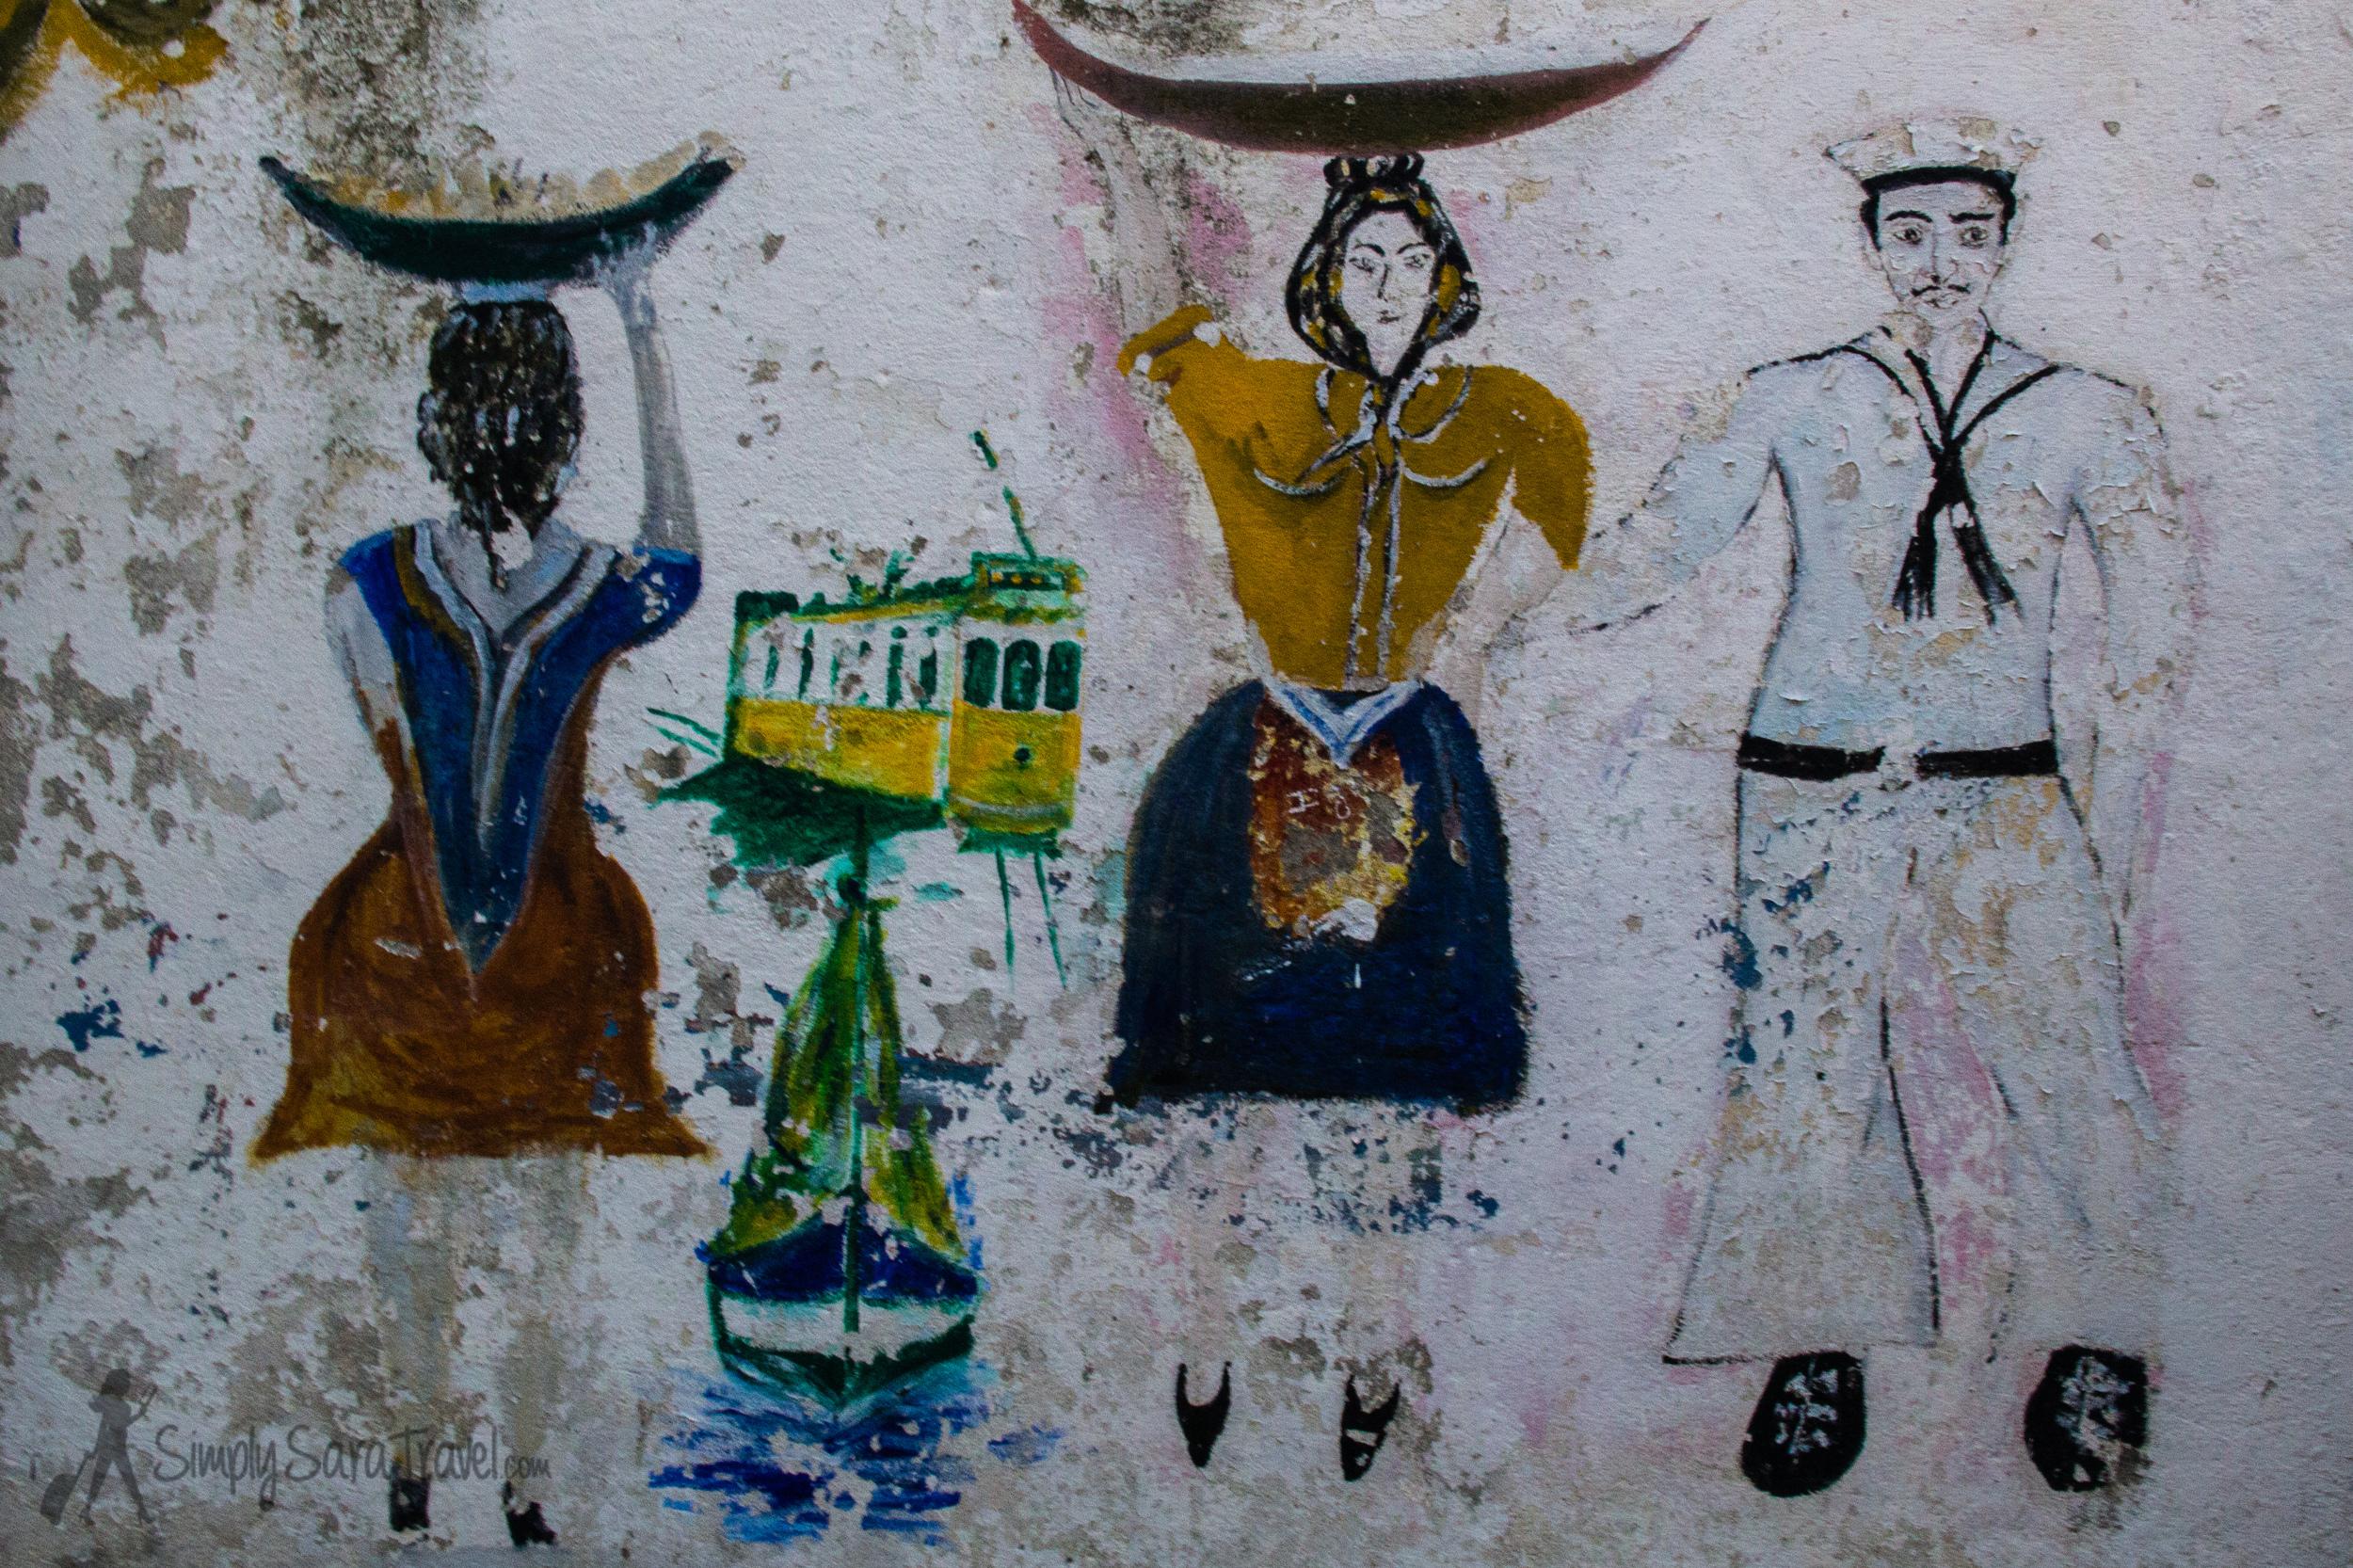 Street art inAlfama neighborhood of Lisbon